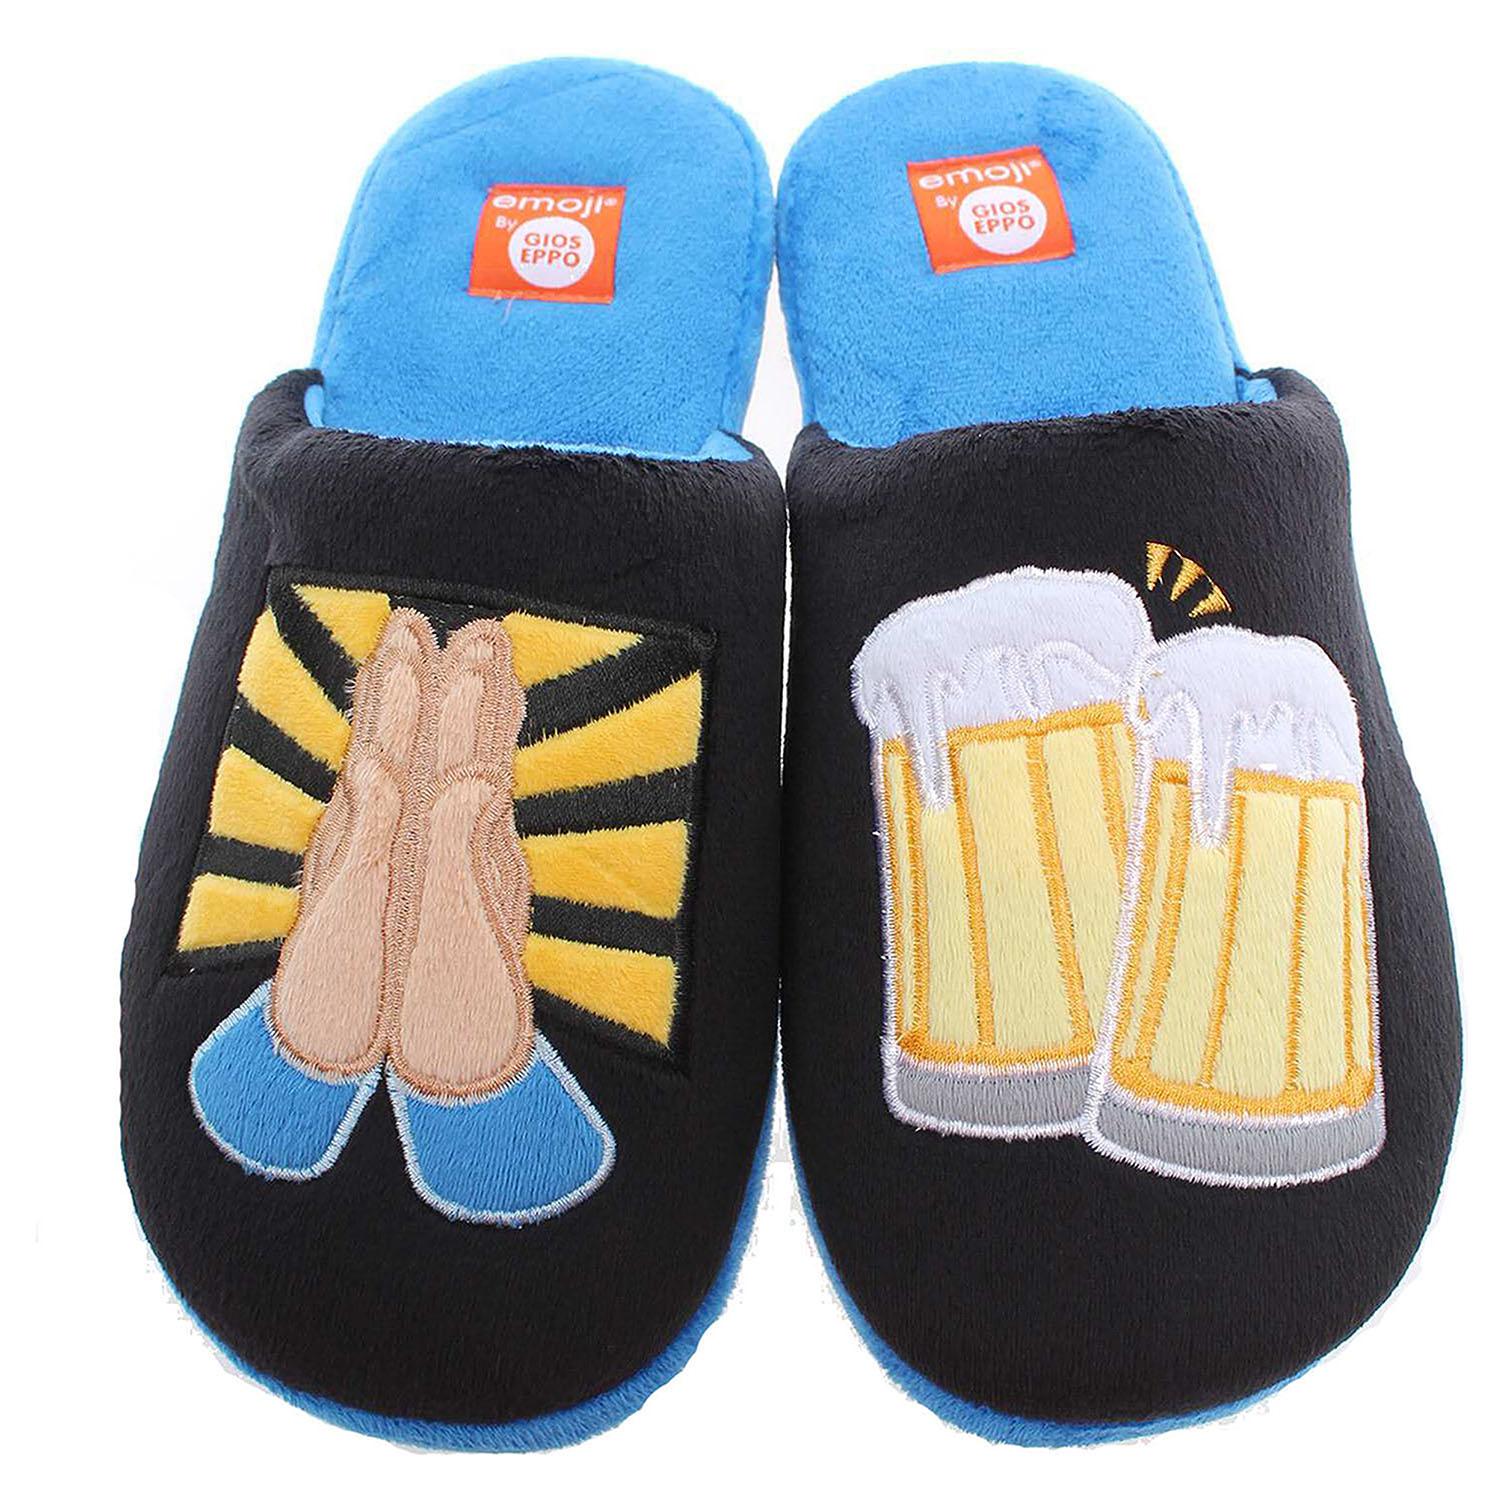 Gioseppo Yusei pánské domácí pantofle černá-modrá 40